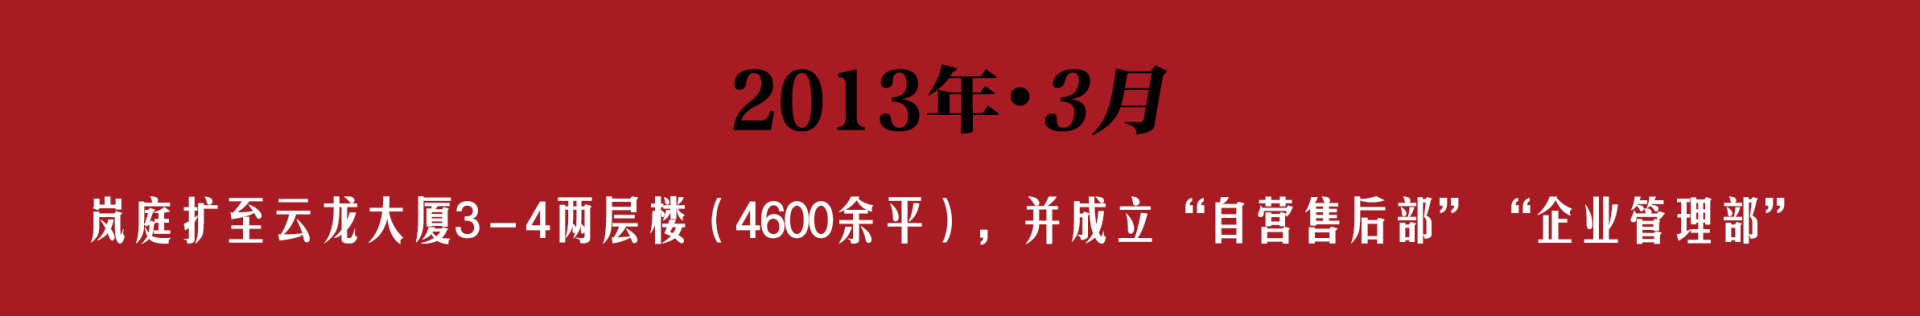 微信图片_20200328172926.jpg